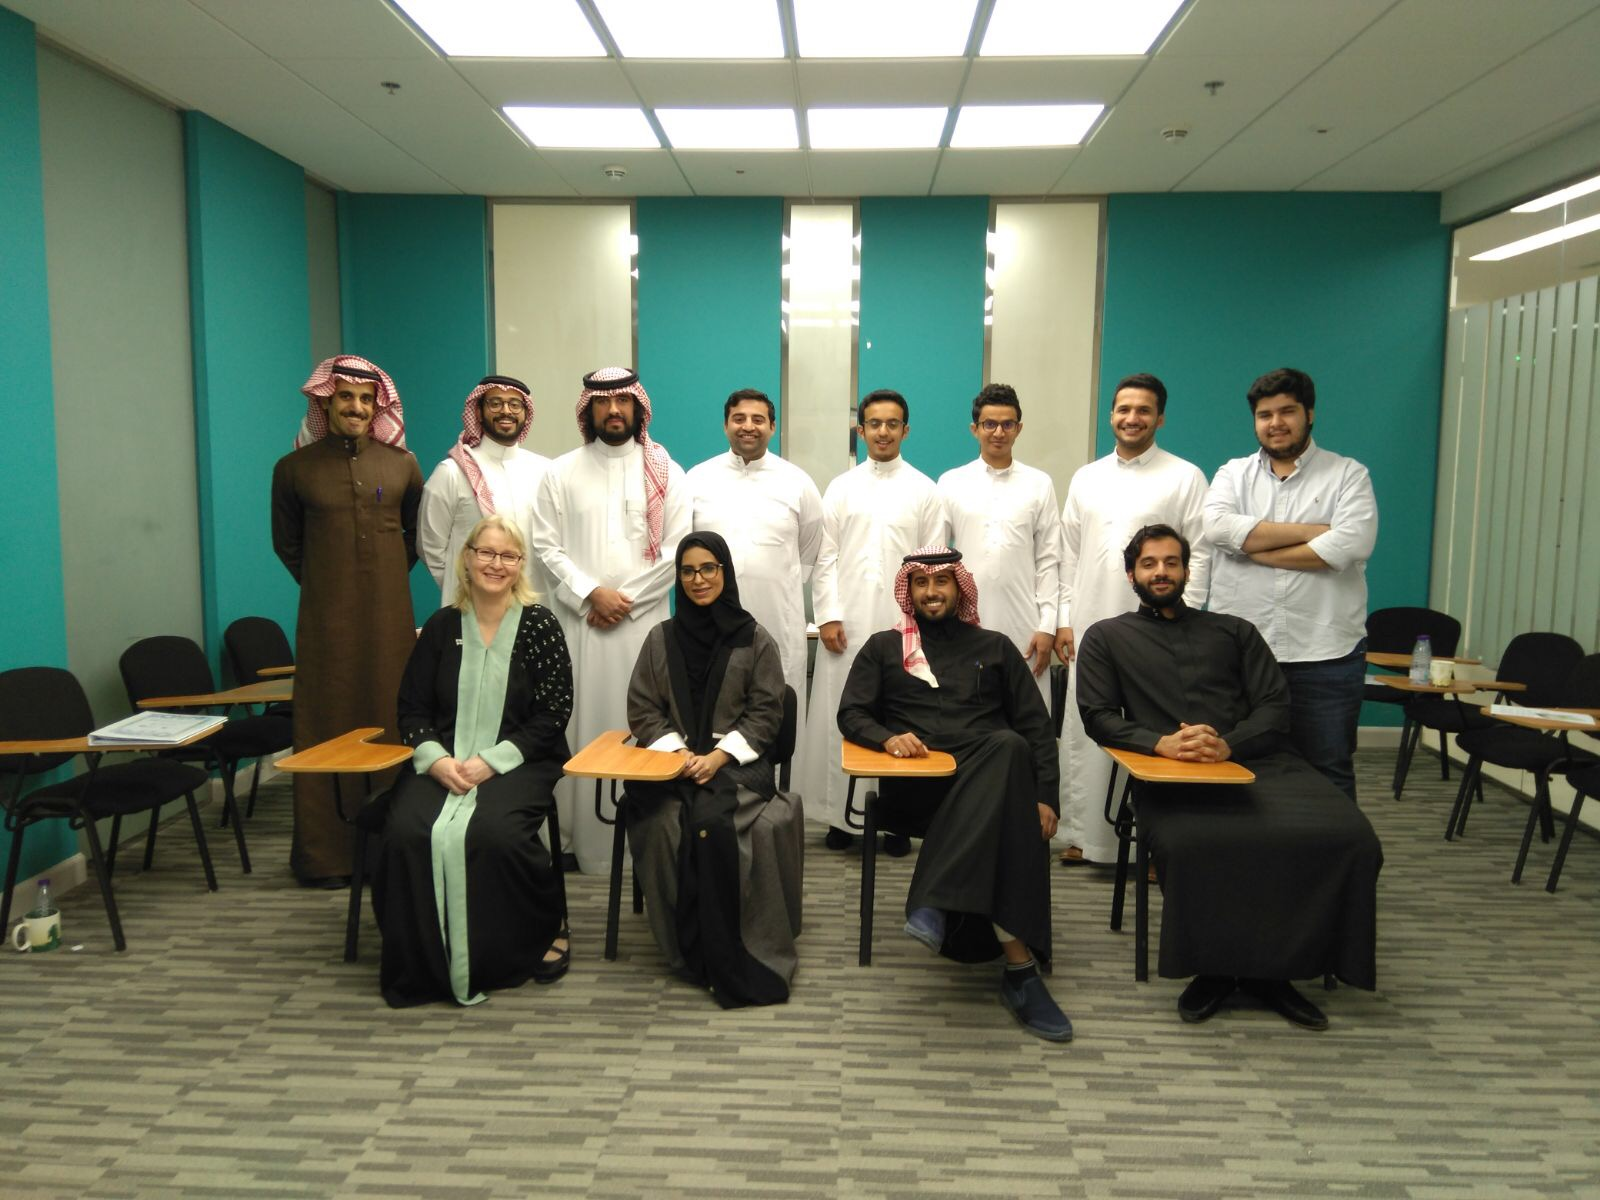 Hanna ja opiskelijat tammikuun työpajassa Saudi-Arabiassa